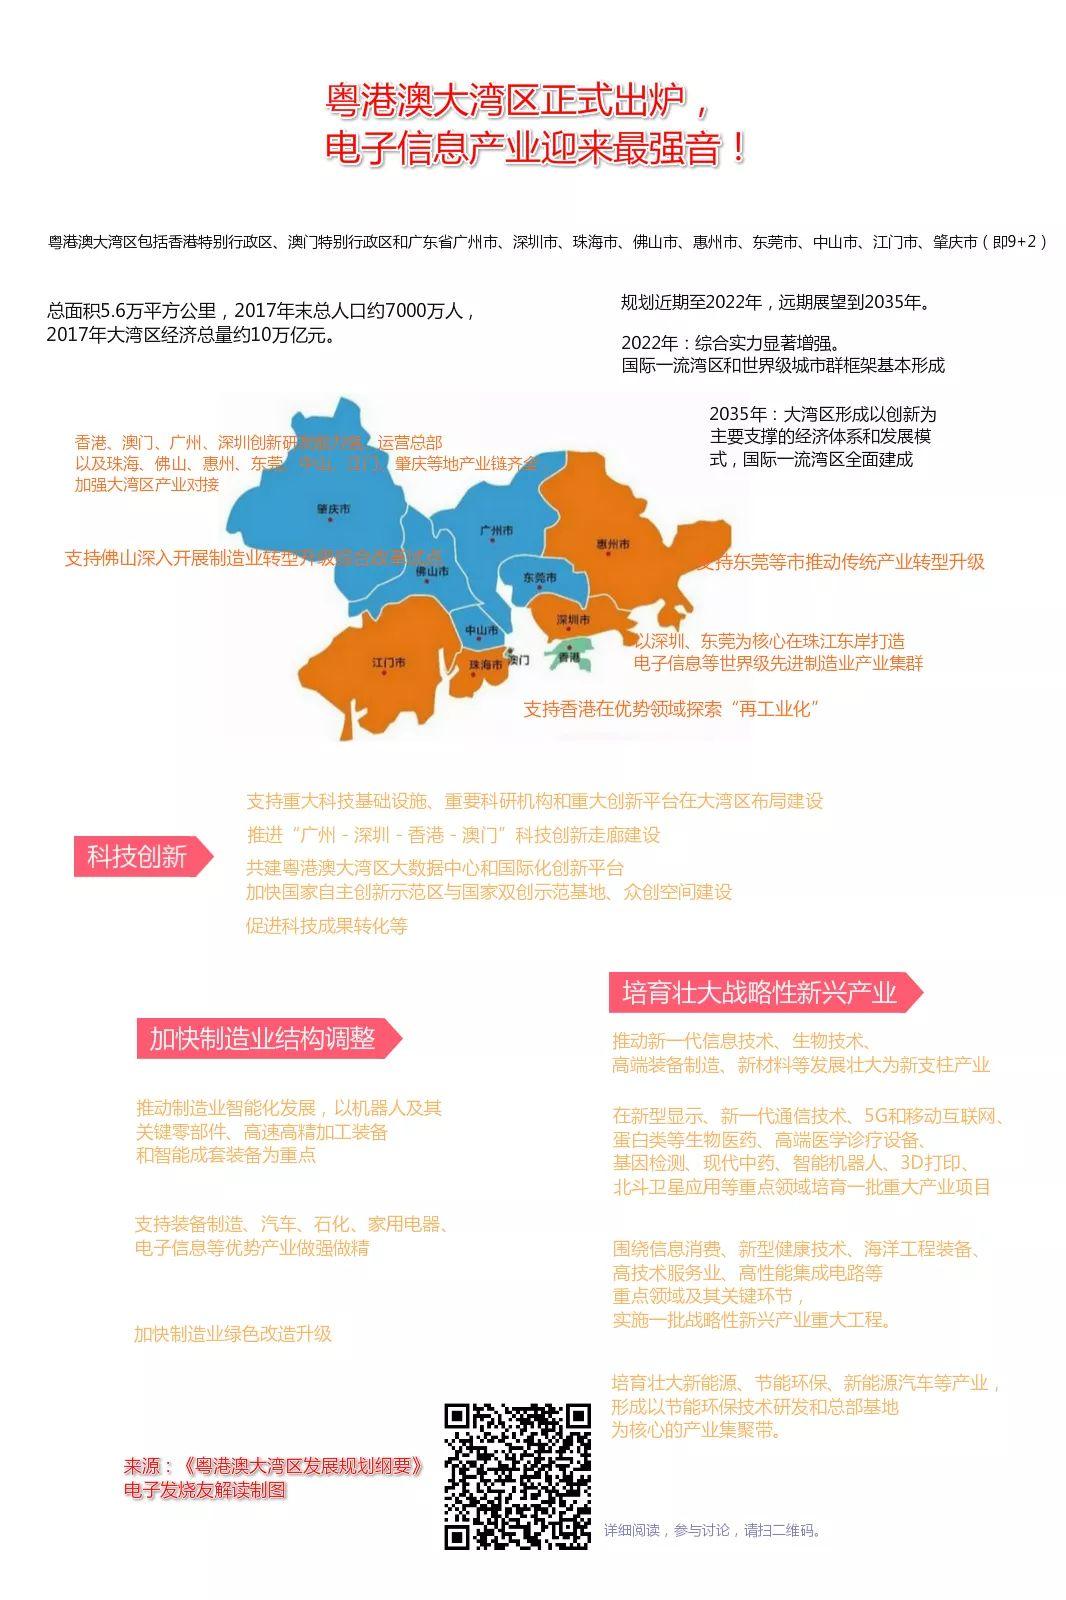 2017年大湾经济区总量_粤港澳大湾区图片(2)